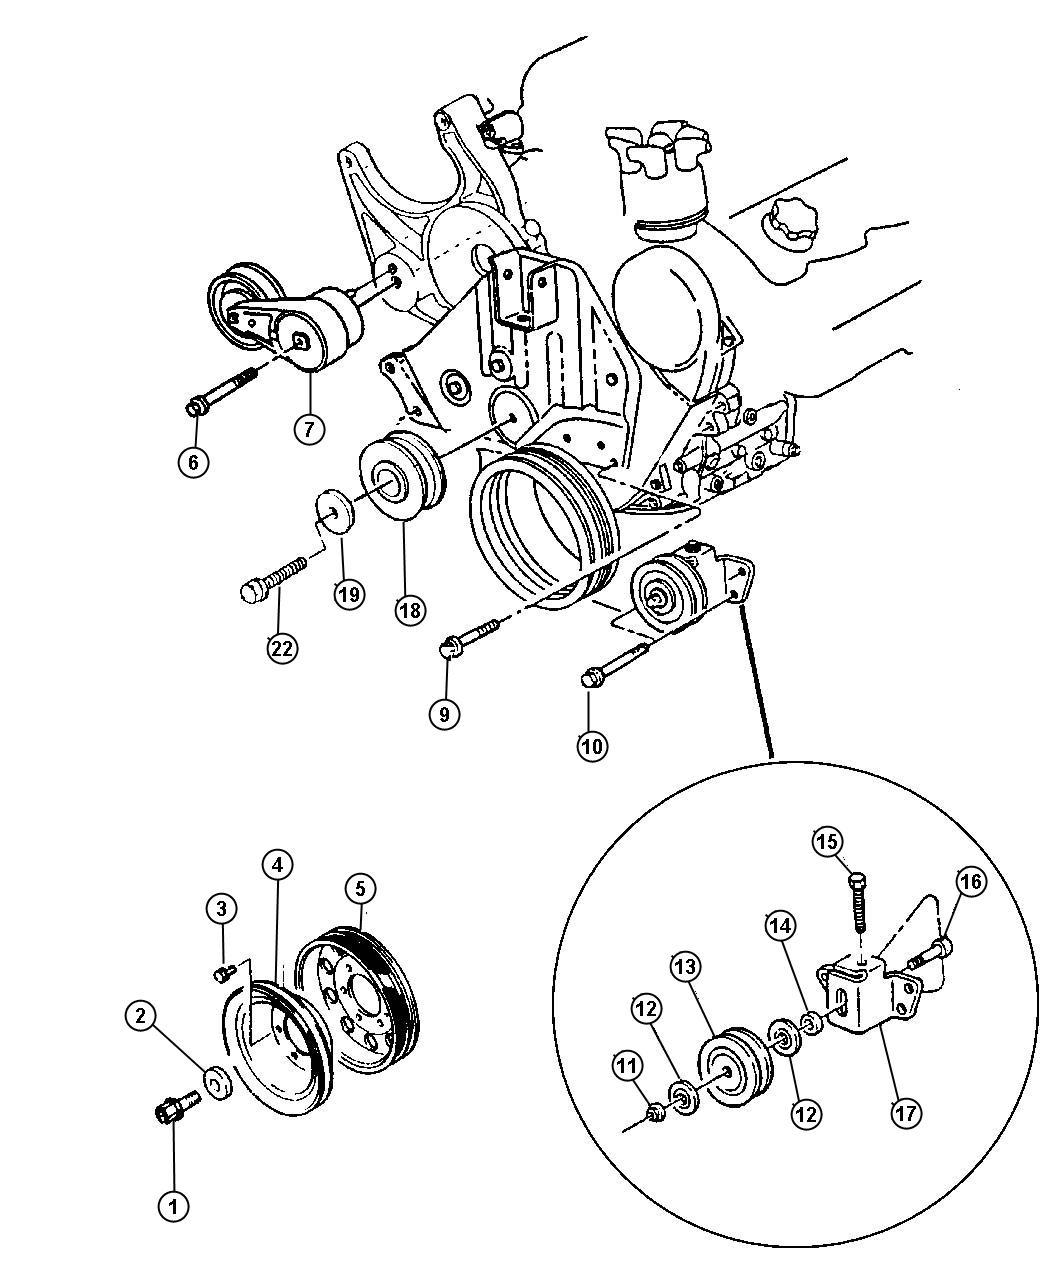 1994 mazda 626 stereo wiring diagram